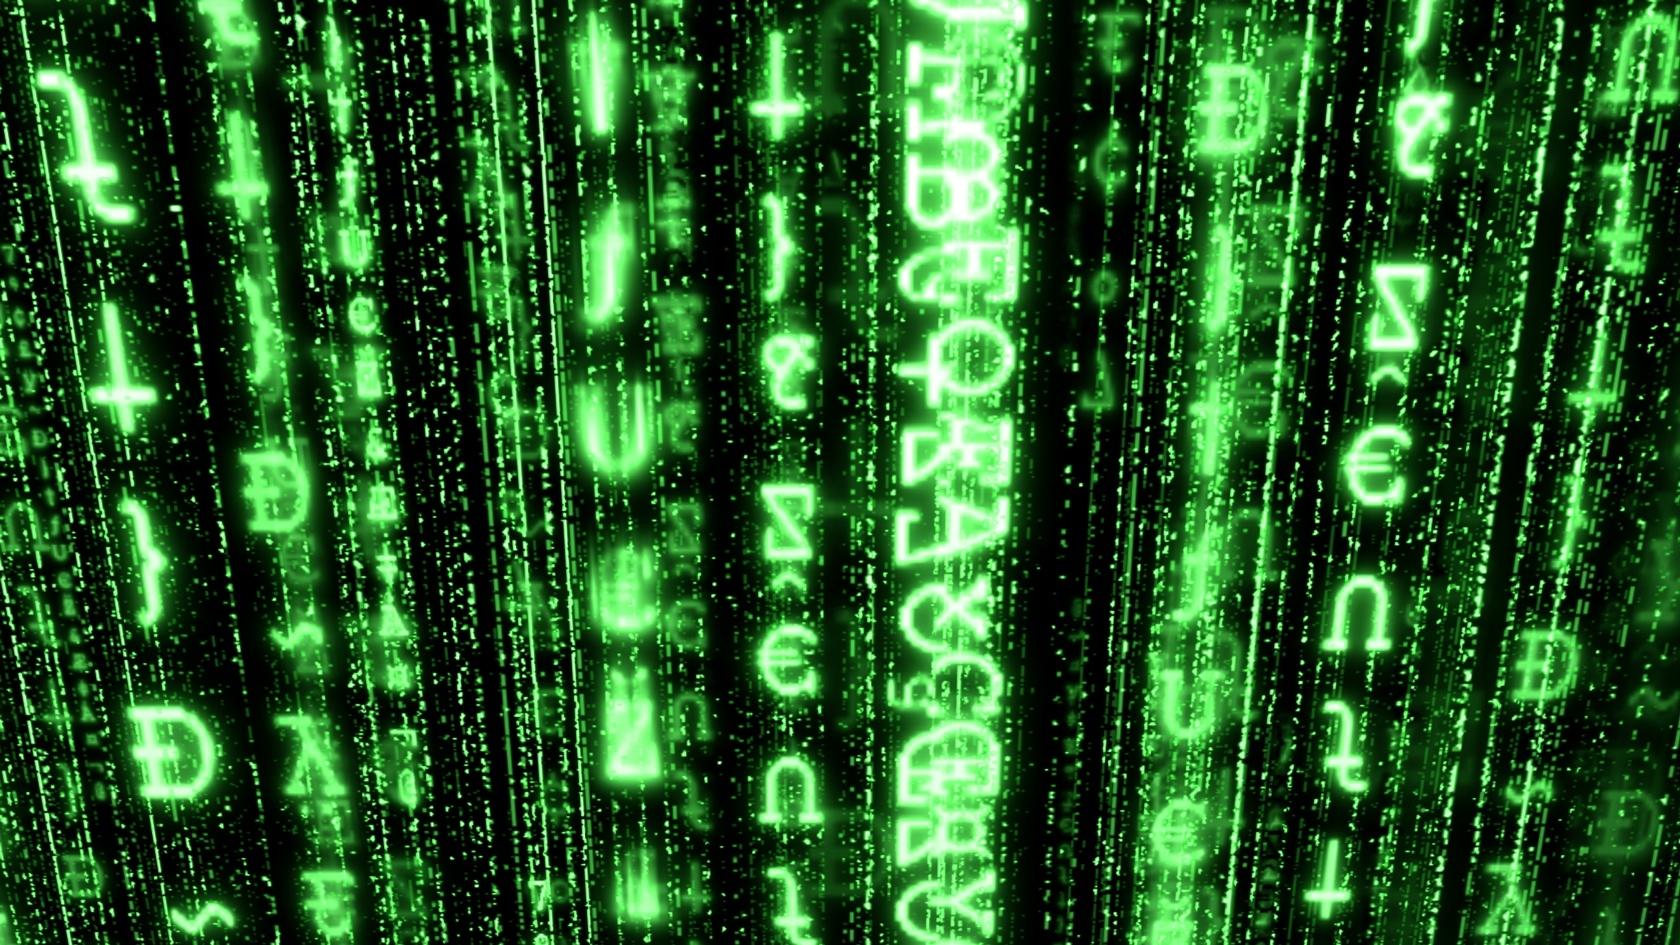 Image Matrix Wallpaper Moving 4jpg Community Central Fandom